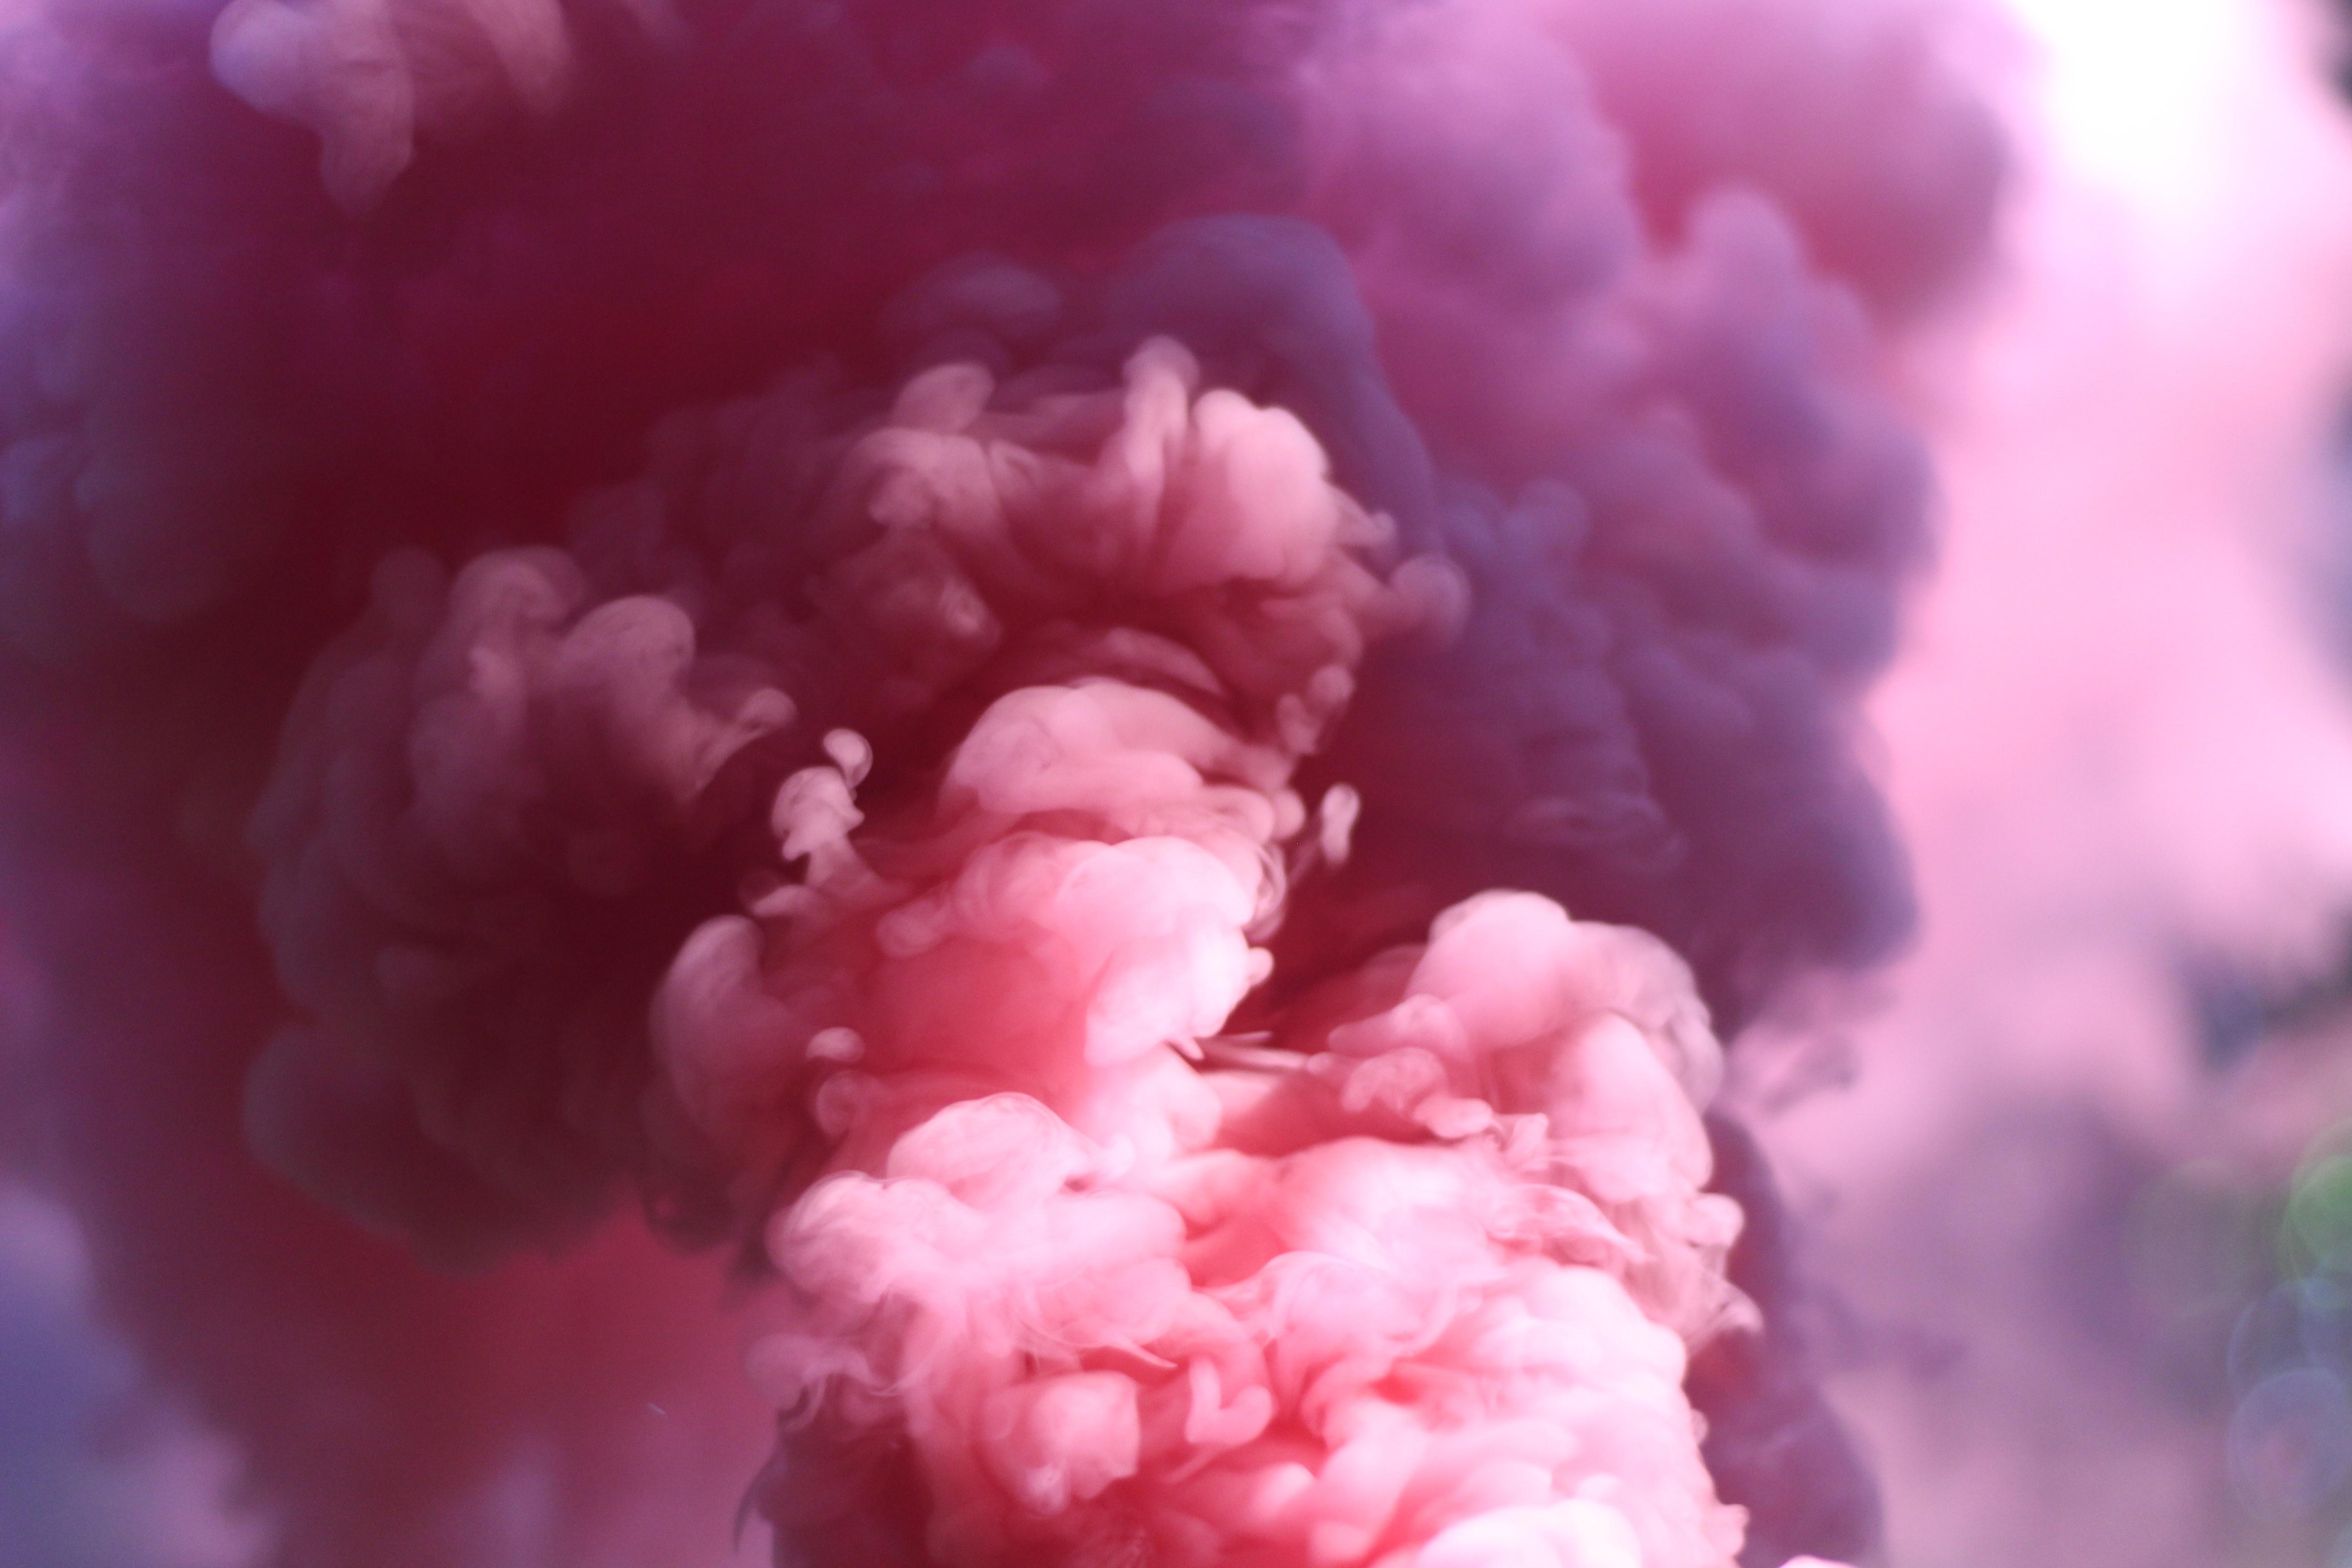 152868 Заставки и Обои Дым на телефон. Скачать Абстракция, Дым, Розовый, Пелена картинки бесплатно